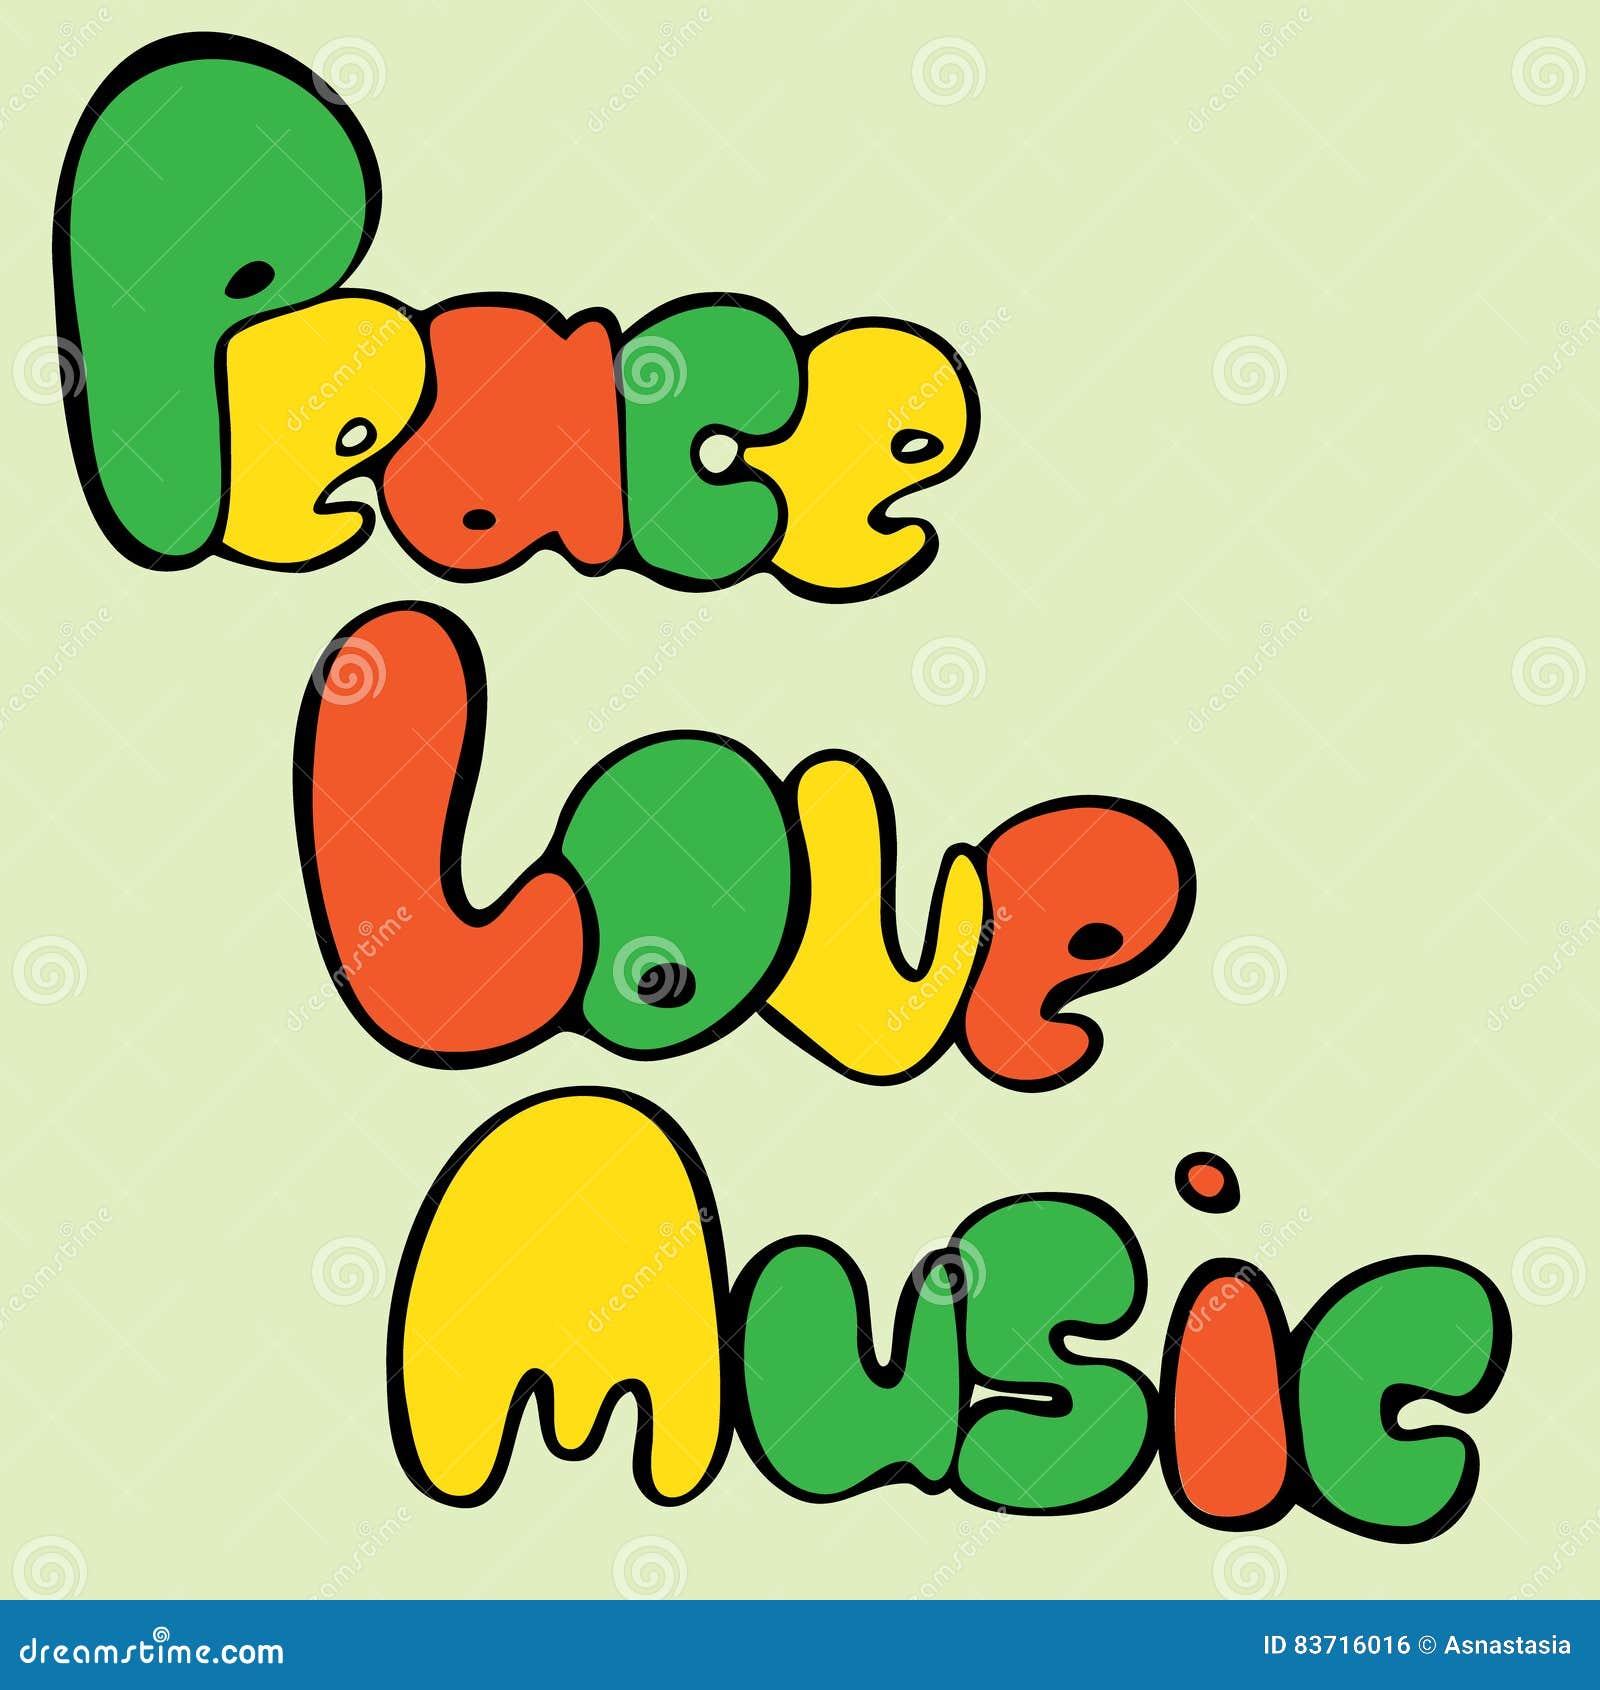 Ontwerp van Vrede, Liefde en Muziek in bellenstijl in groene, gele en rode kleuren Vector illustratie